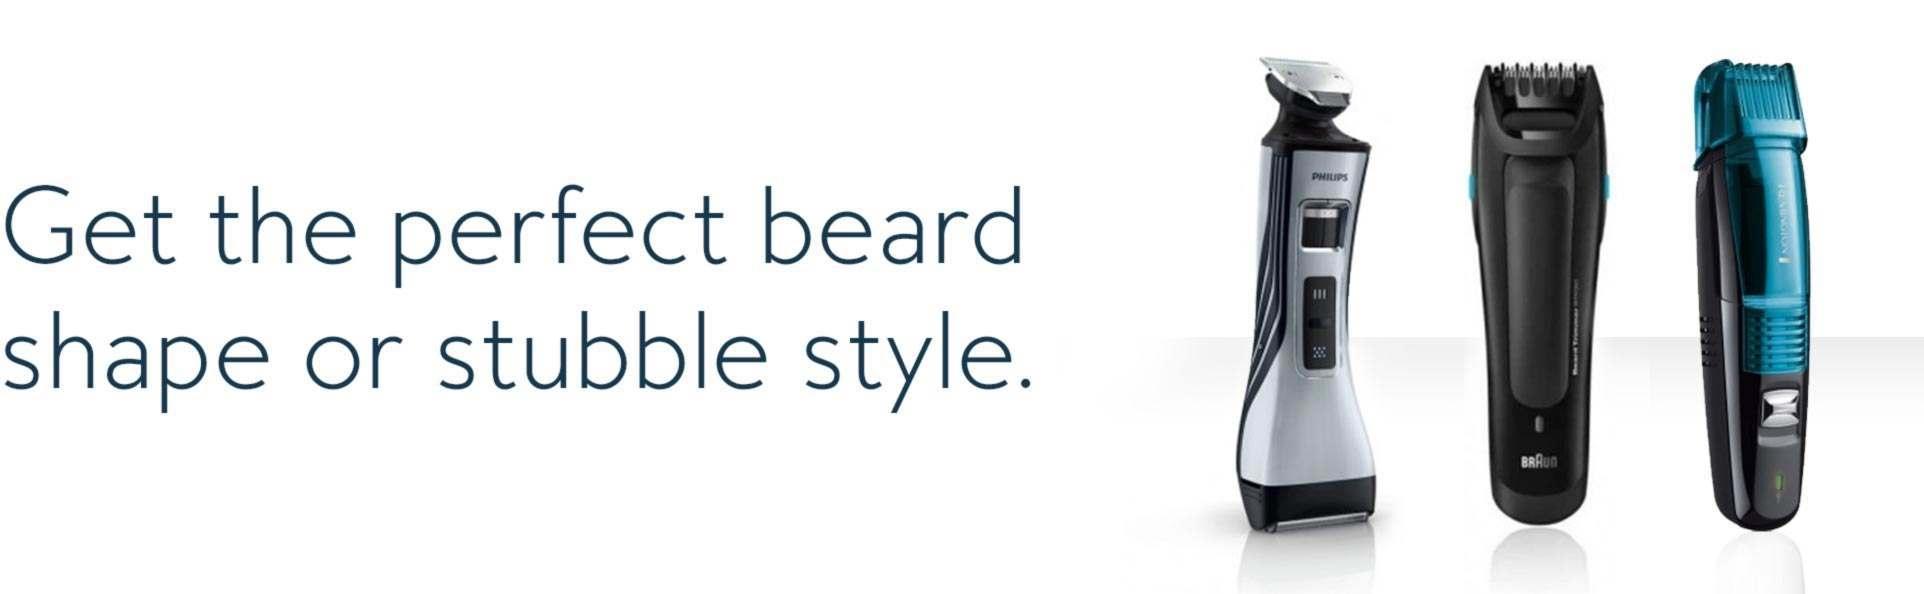 Braun Bt3040 Men S Beard Trimmer Hair Clipper 39 Precision Length Settings For Ultimate